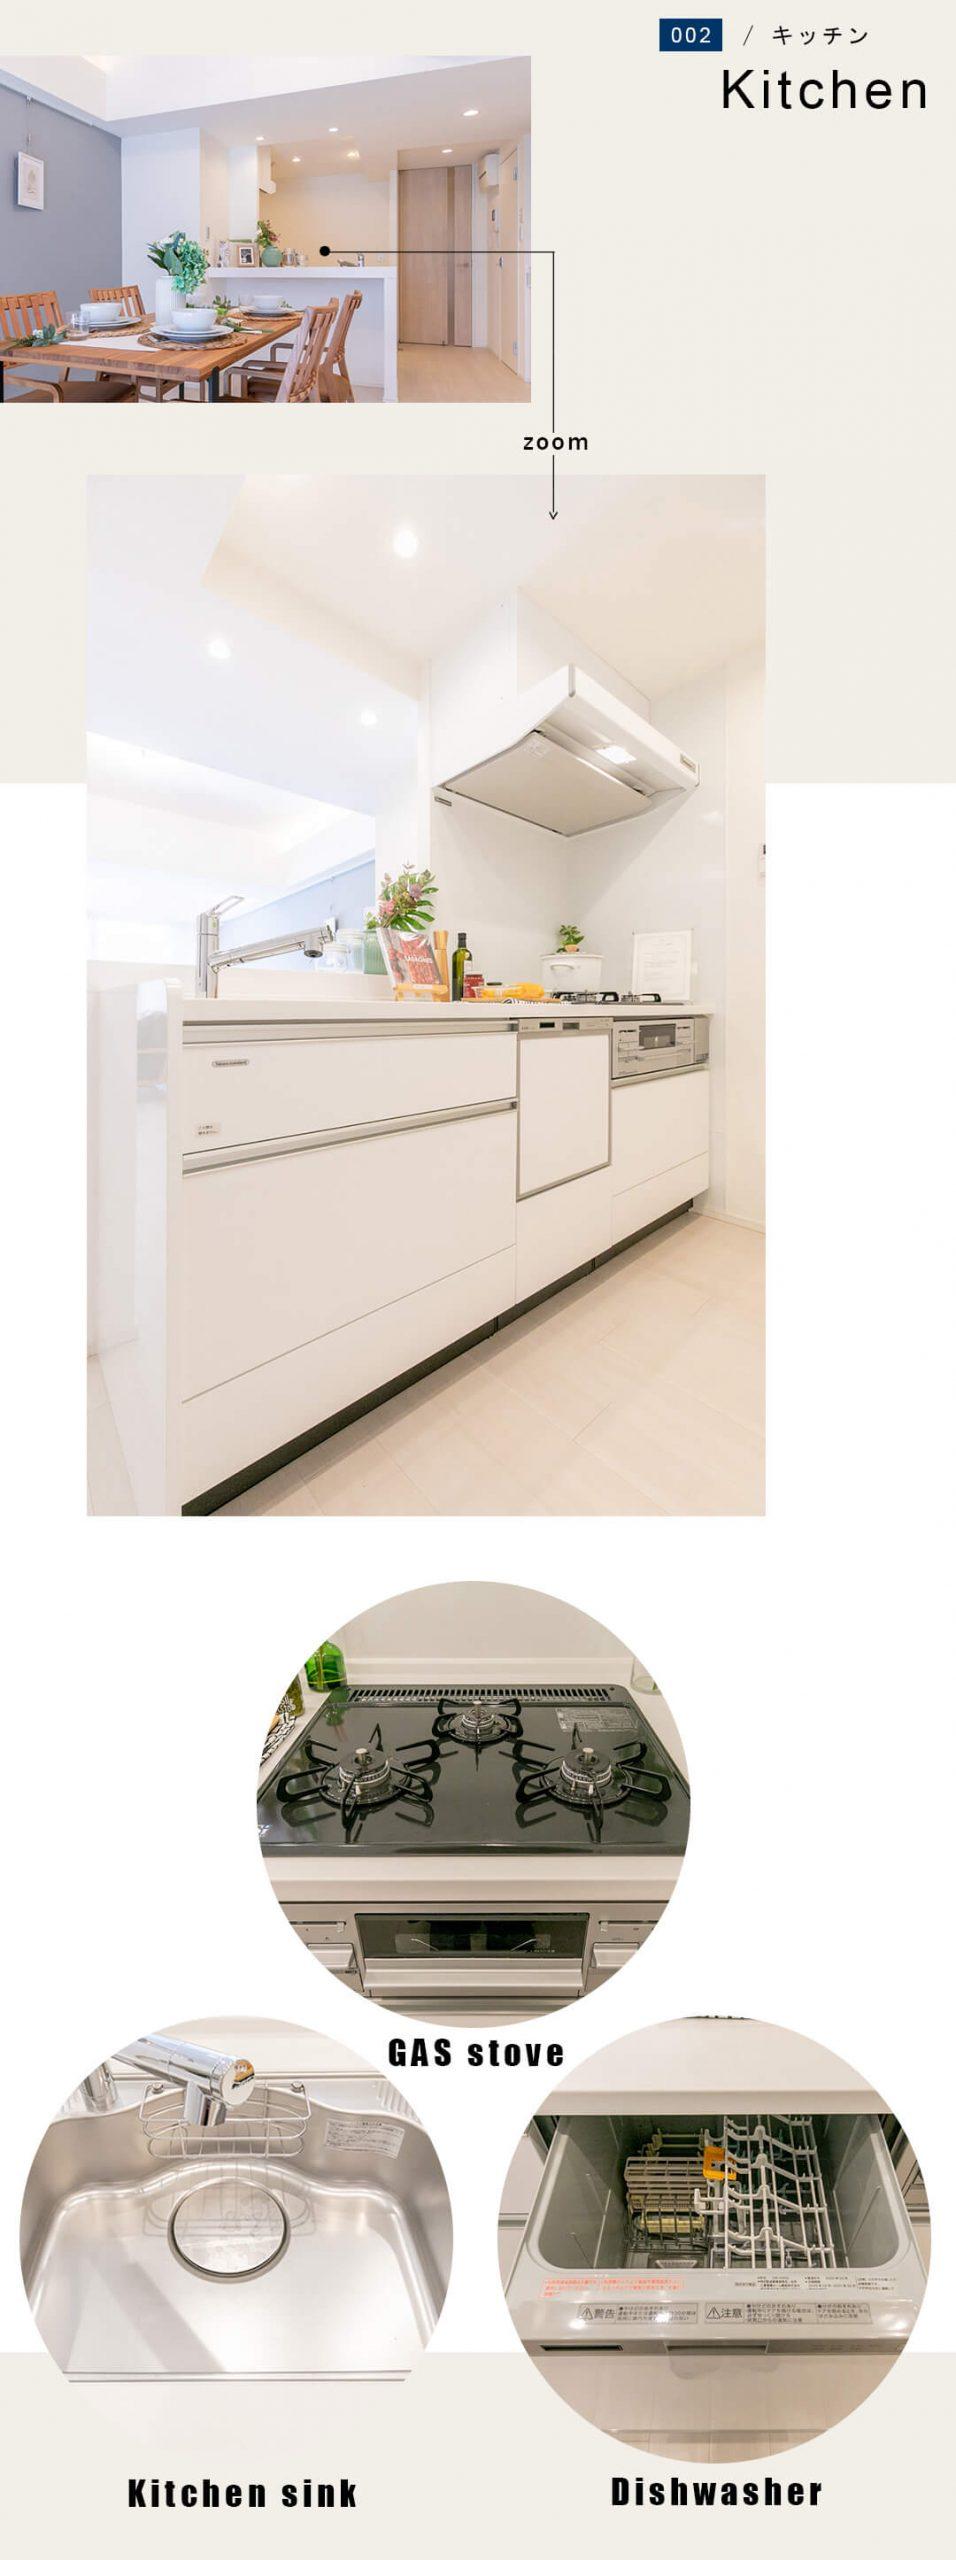 ファミール八雲のキッチン